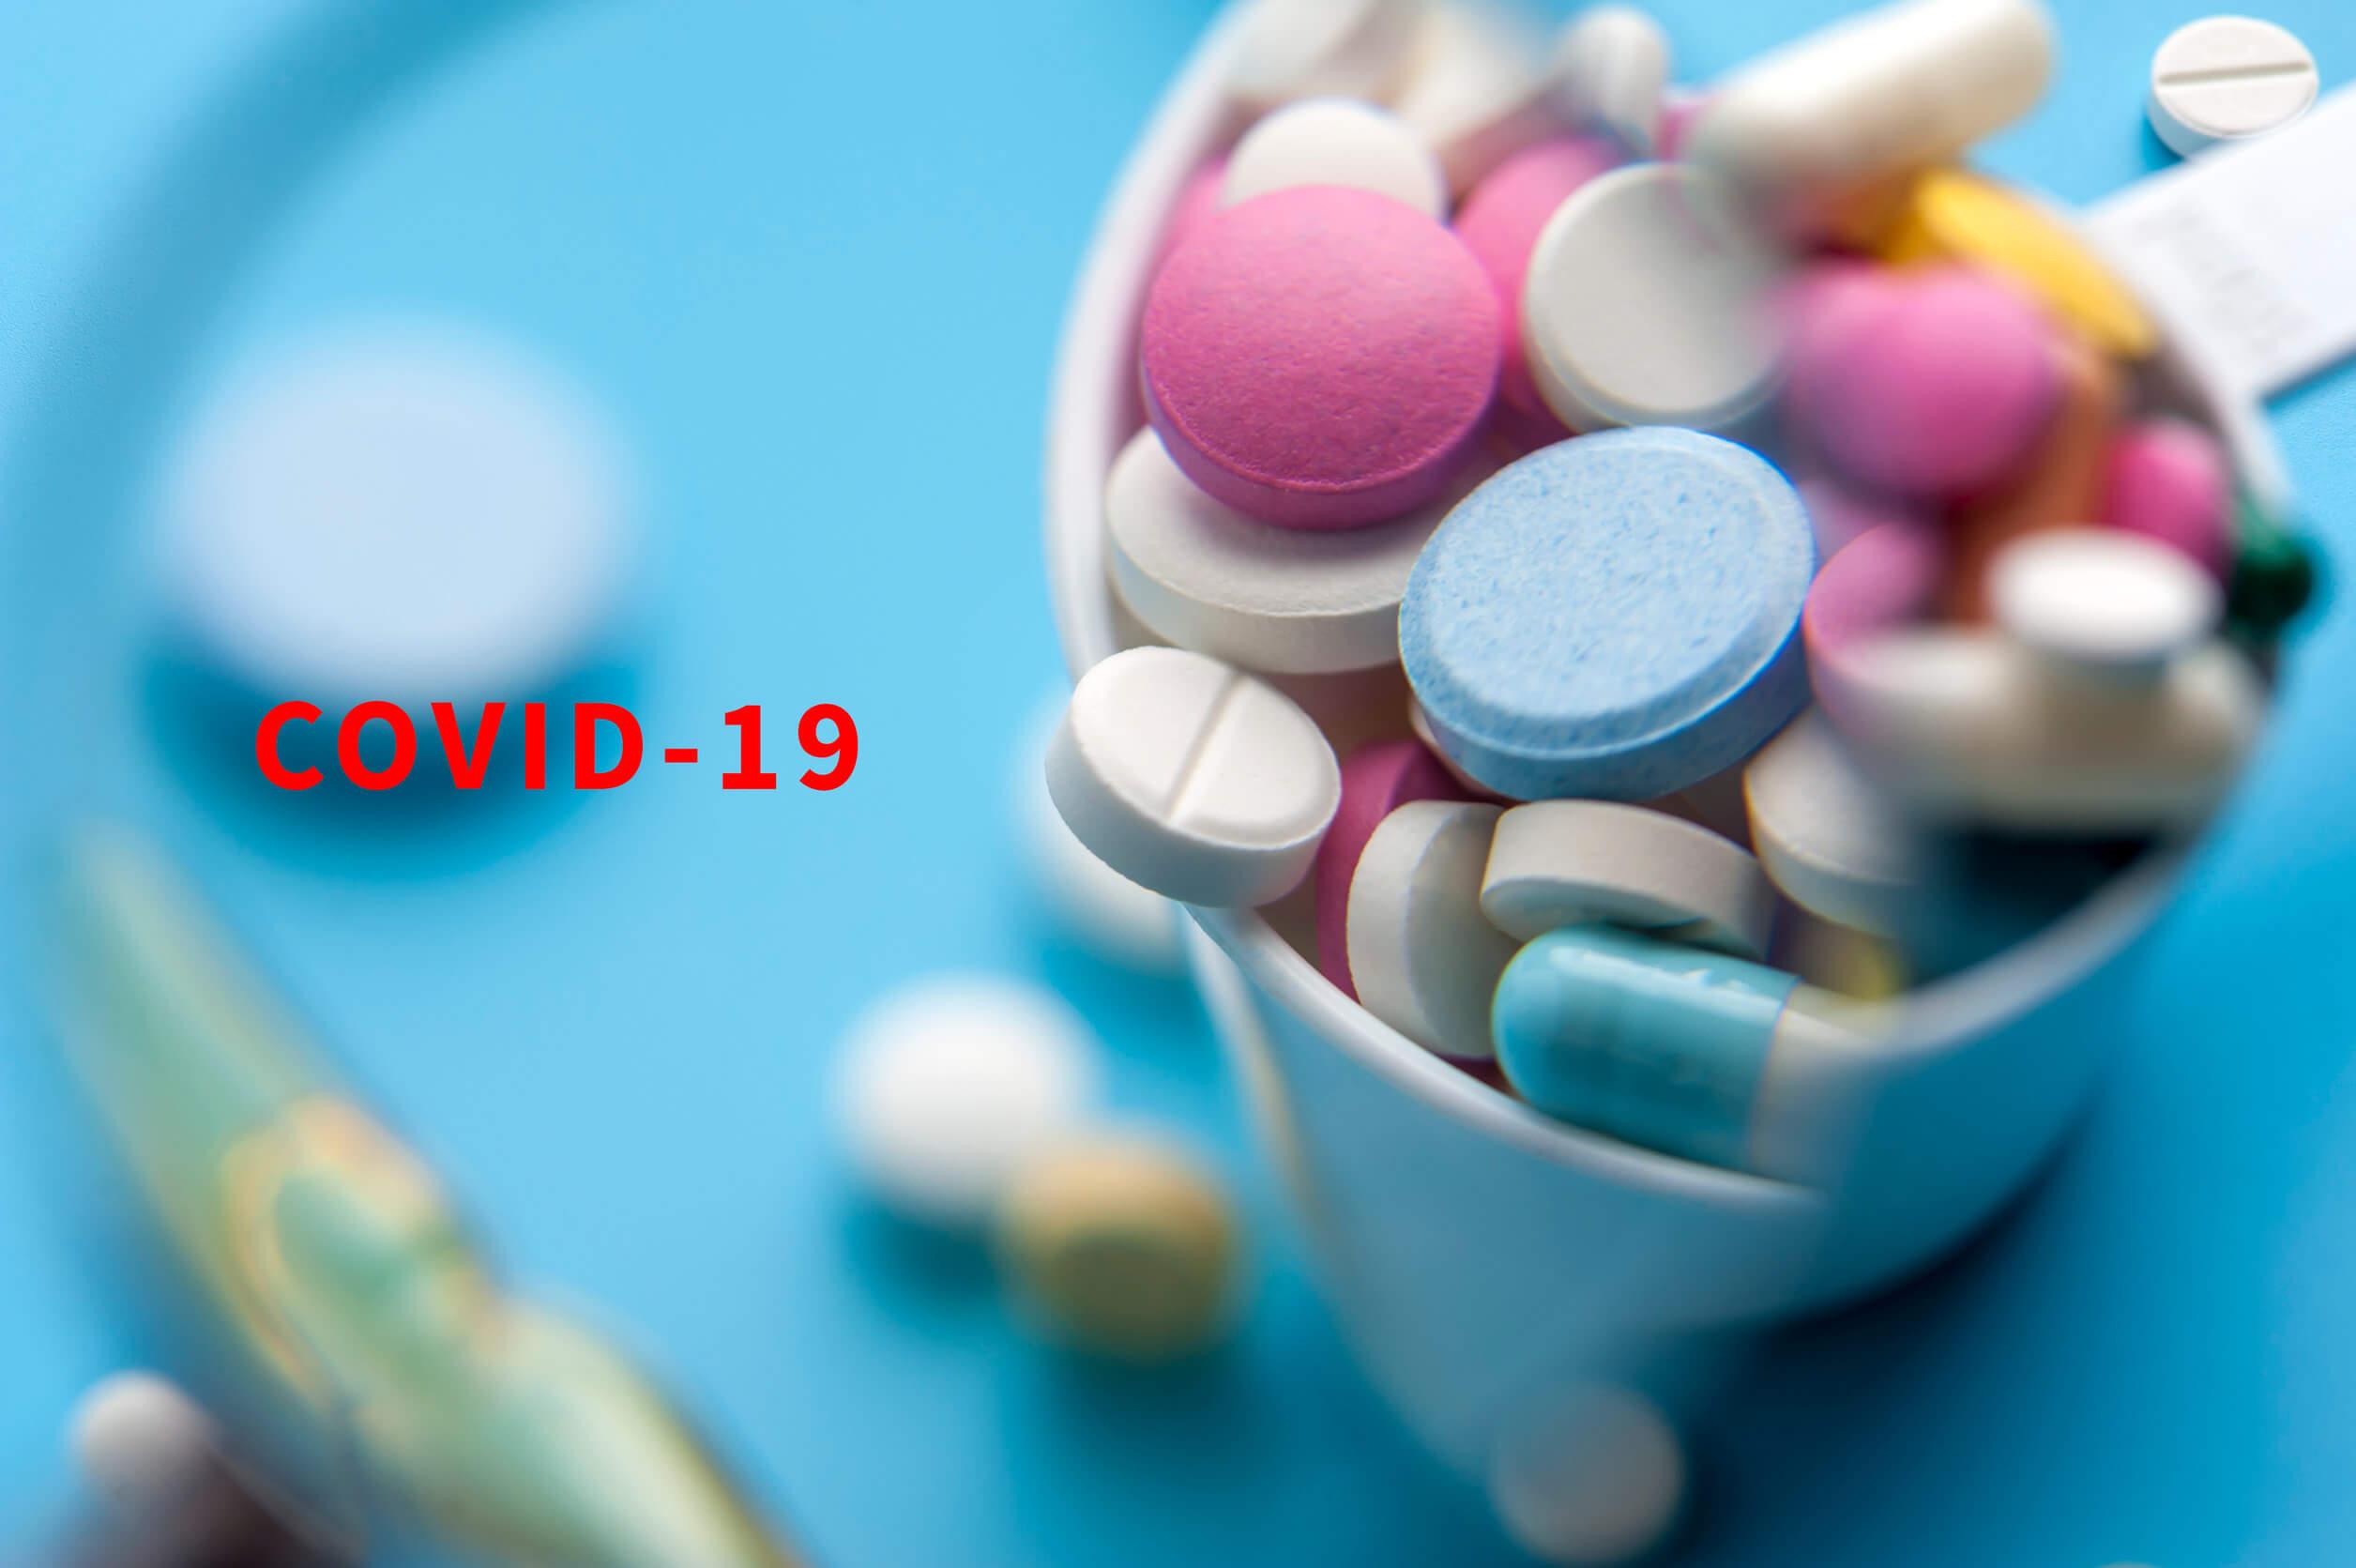 Nemzeti Egészségbiztosítási Alapkezelő - Végleges PUPHA, Közös kezelés gyógyszer